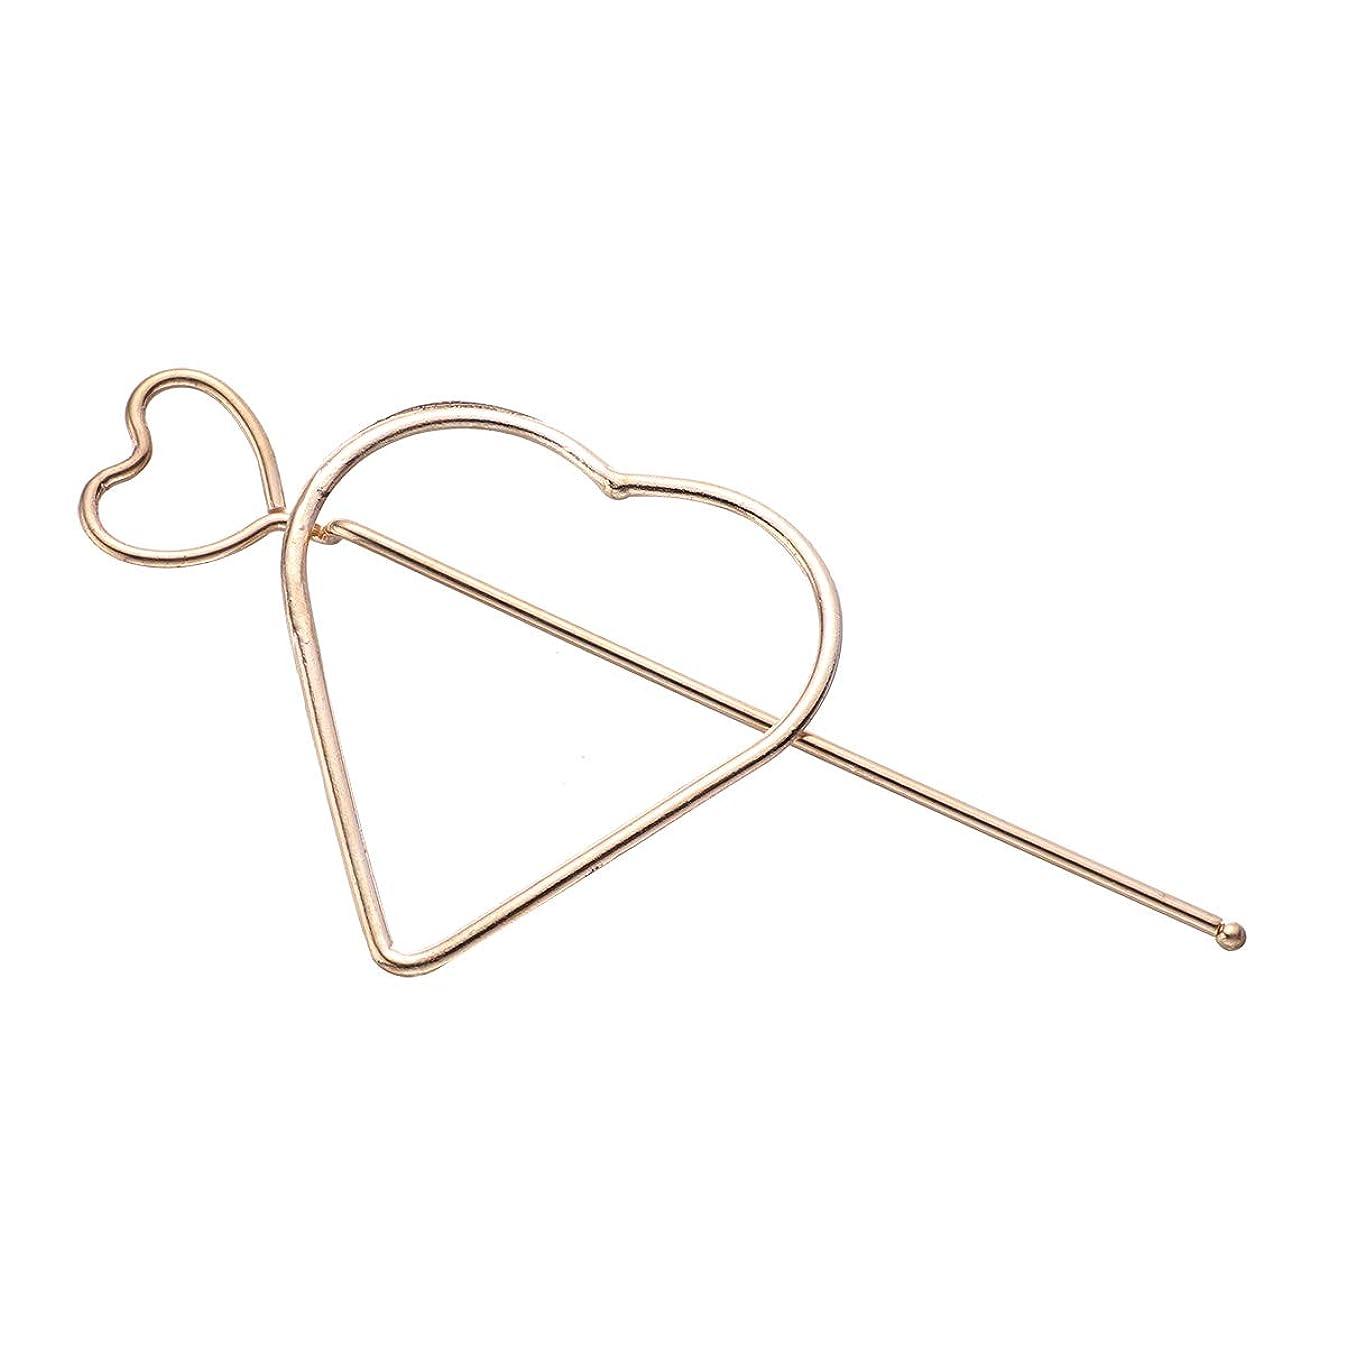 シンカン現れるカスケードLURROSE 女性のための中空の愛の心のヘアスティックメタルヘアアクセサリーヘアクリップ女の子(愛の心)